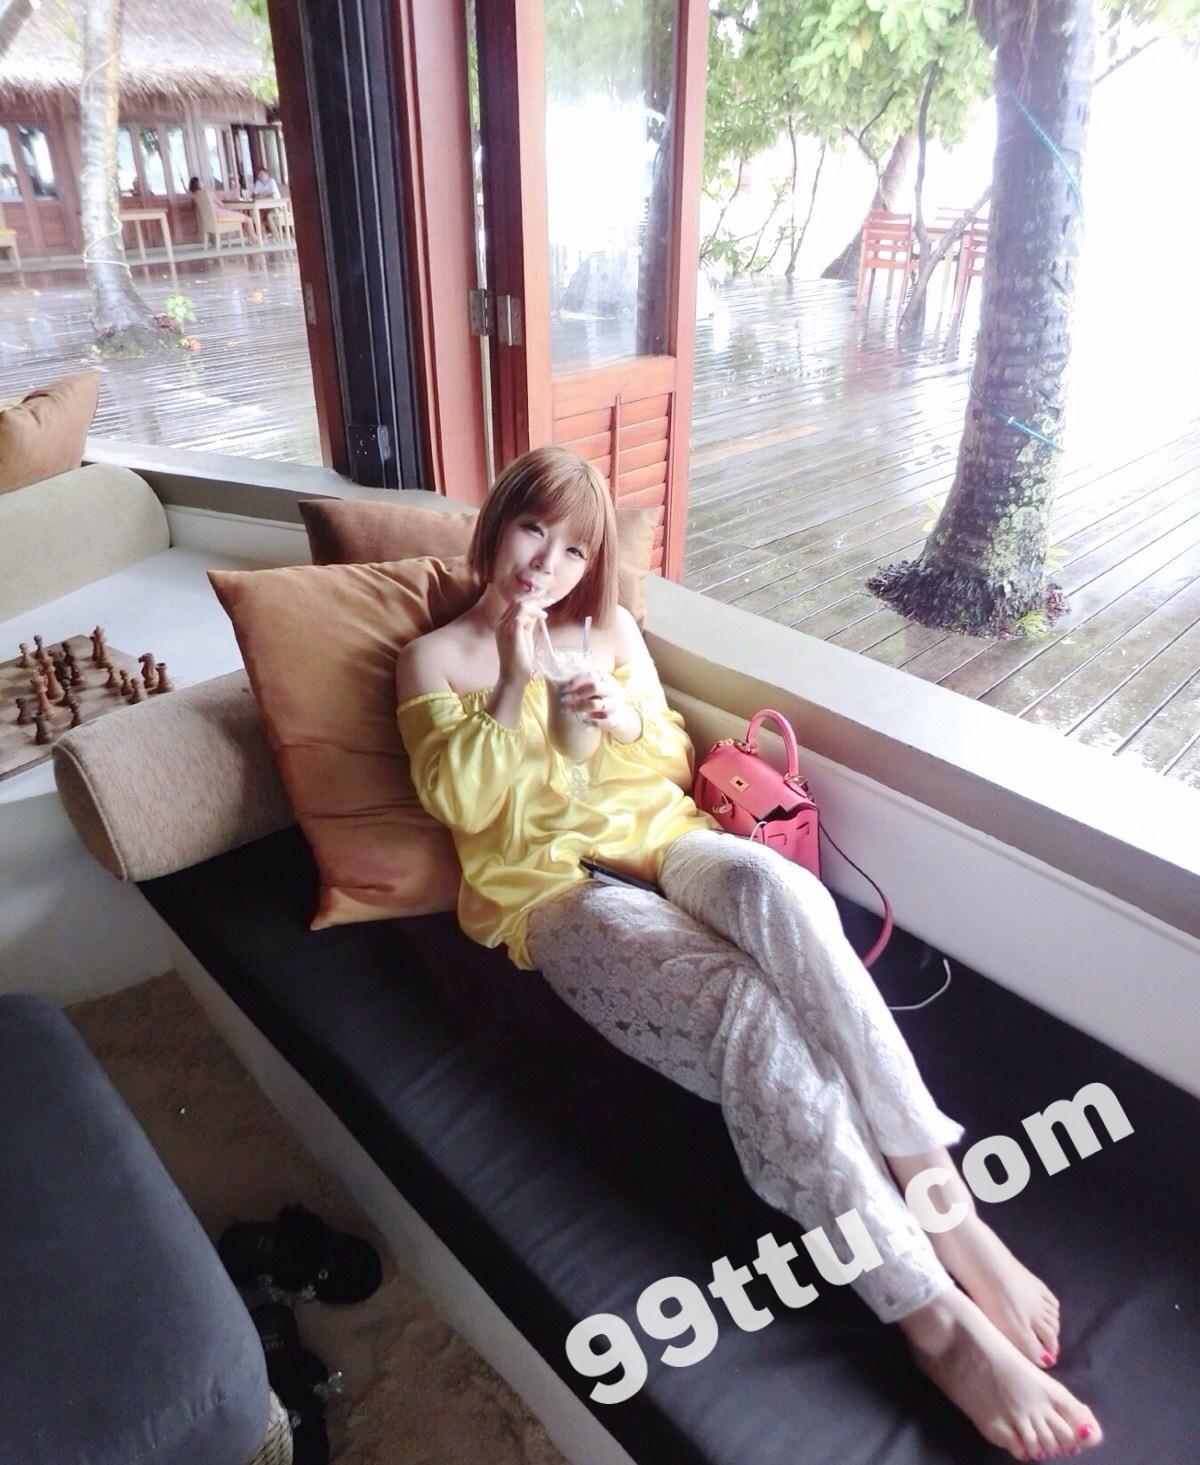 KK85_581张 大胸美女生活照素材照片合集-14